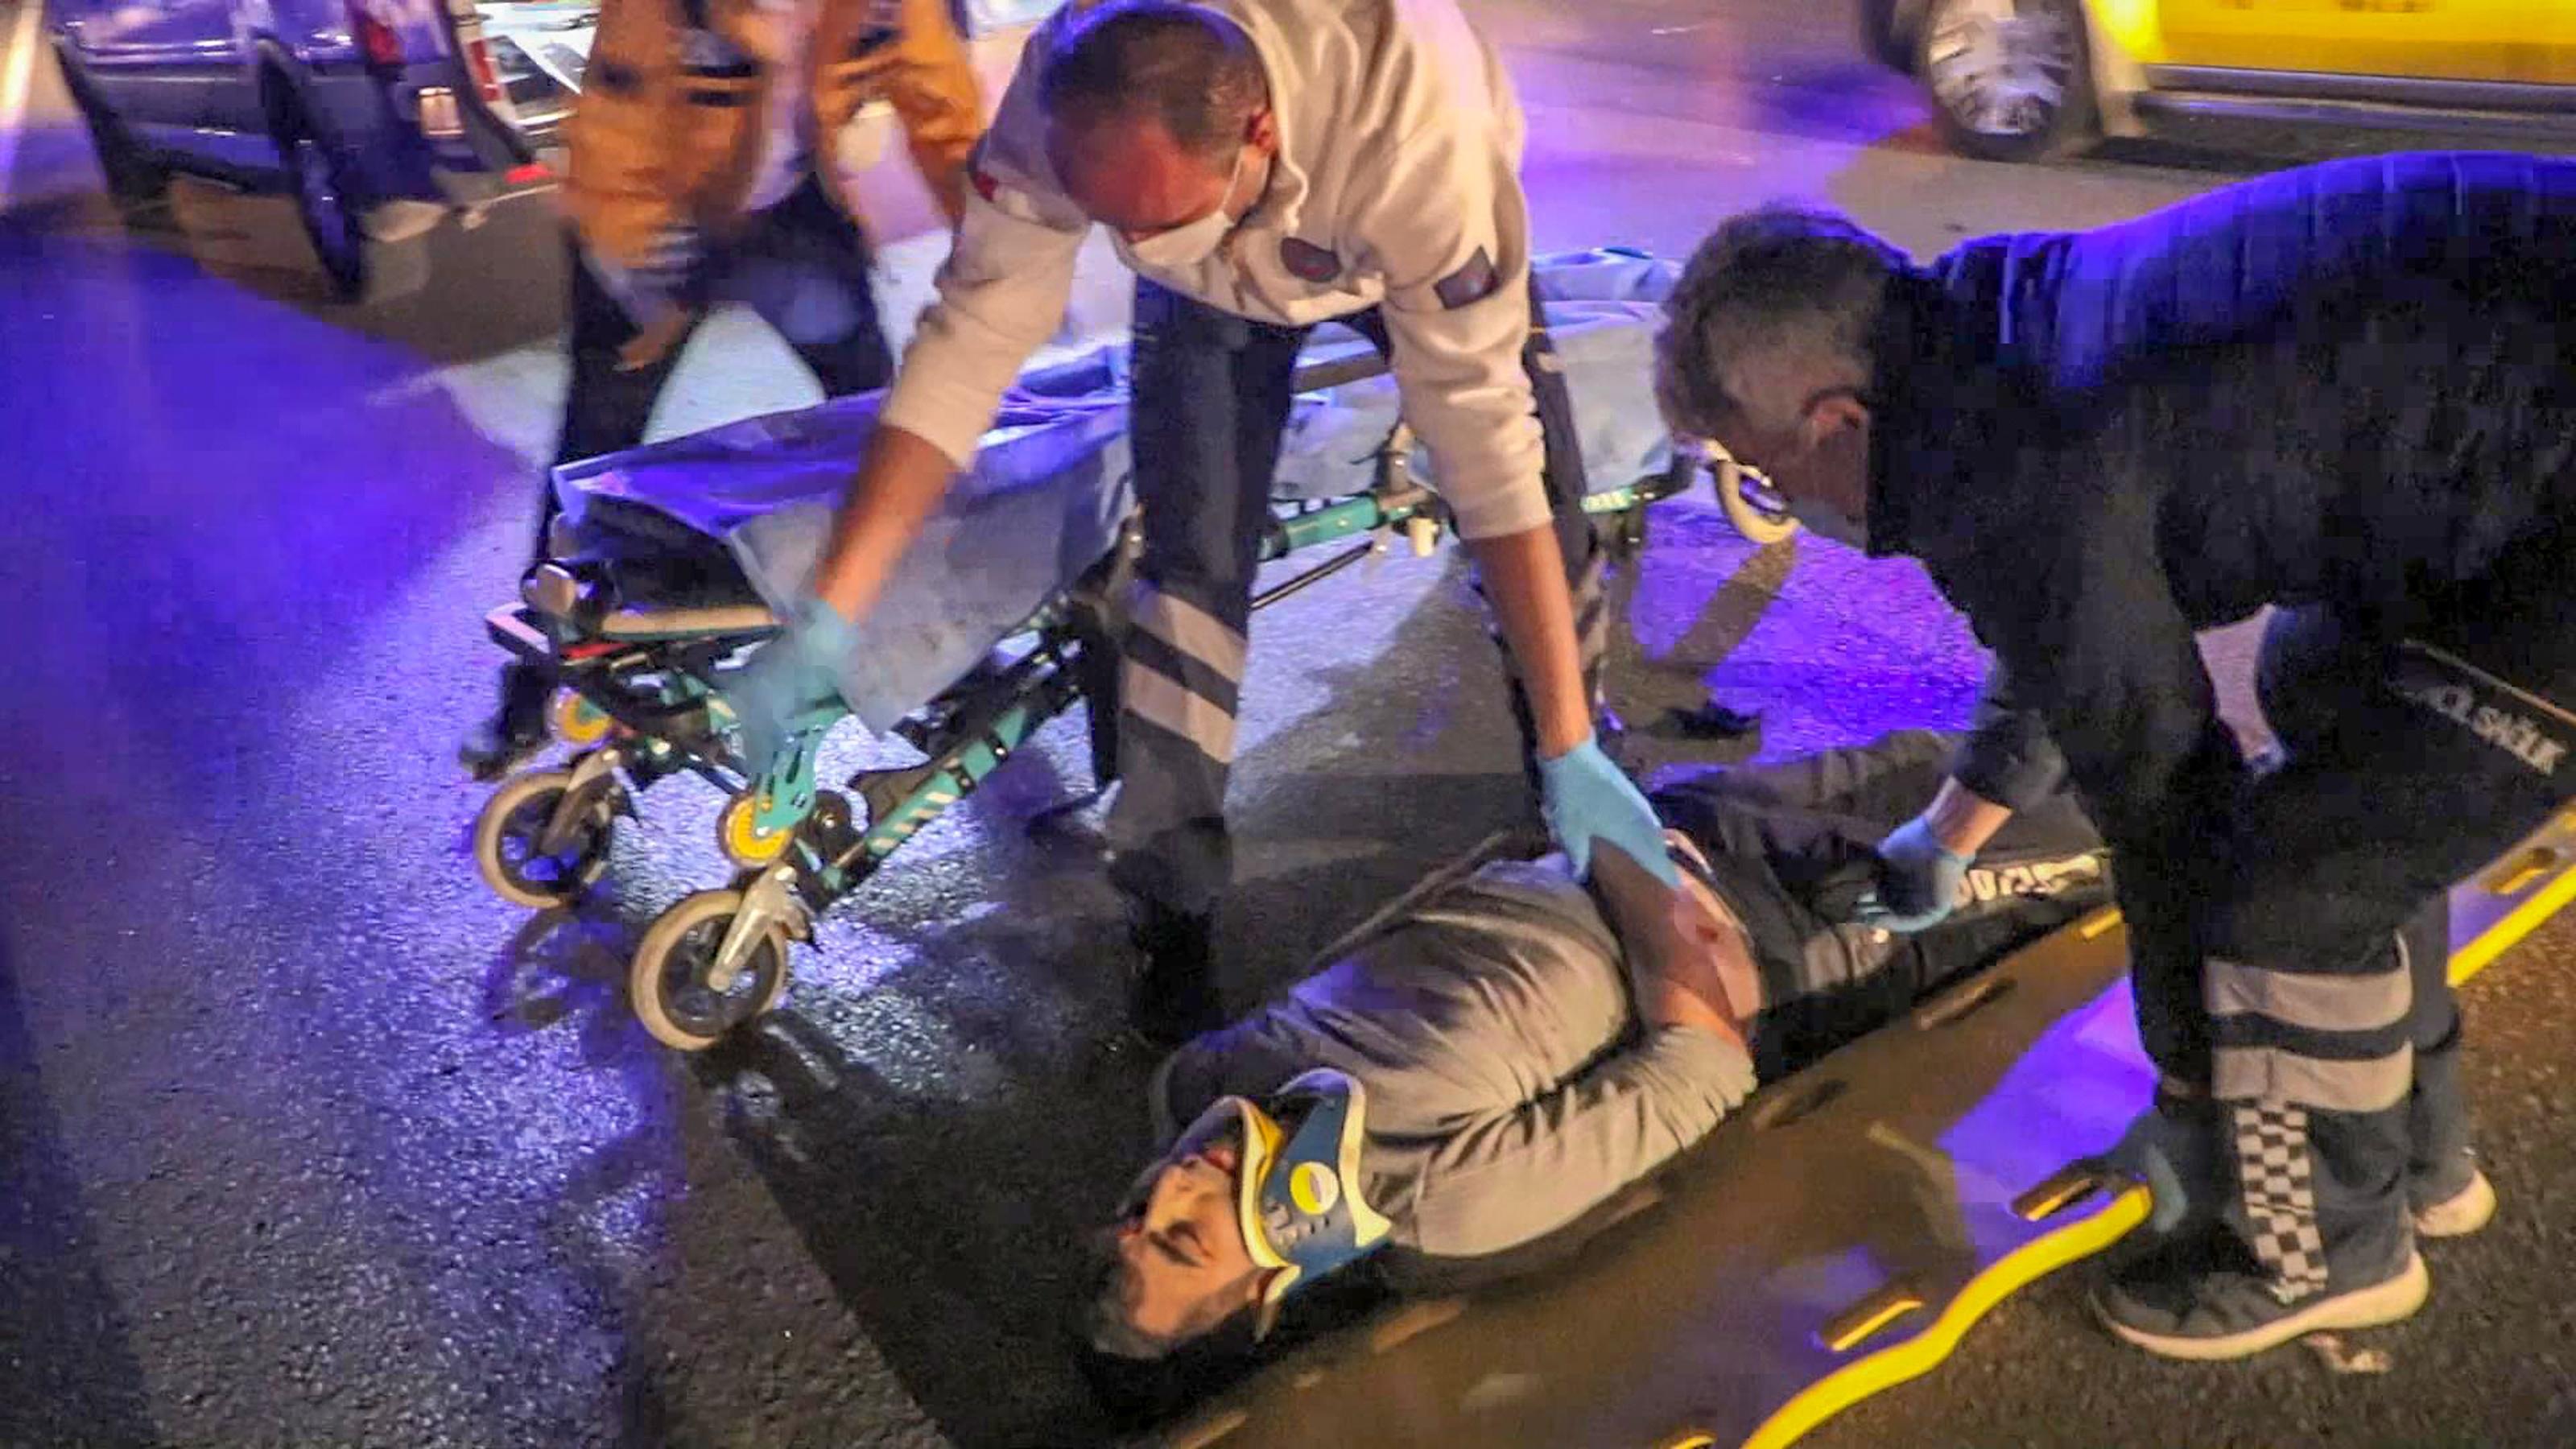 Makas atan otomobil ağaca çarparak ortadan ikiye ayrıldı: 1 ölü, 1 yaralı